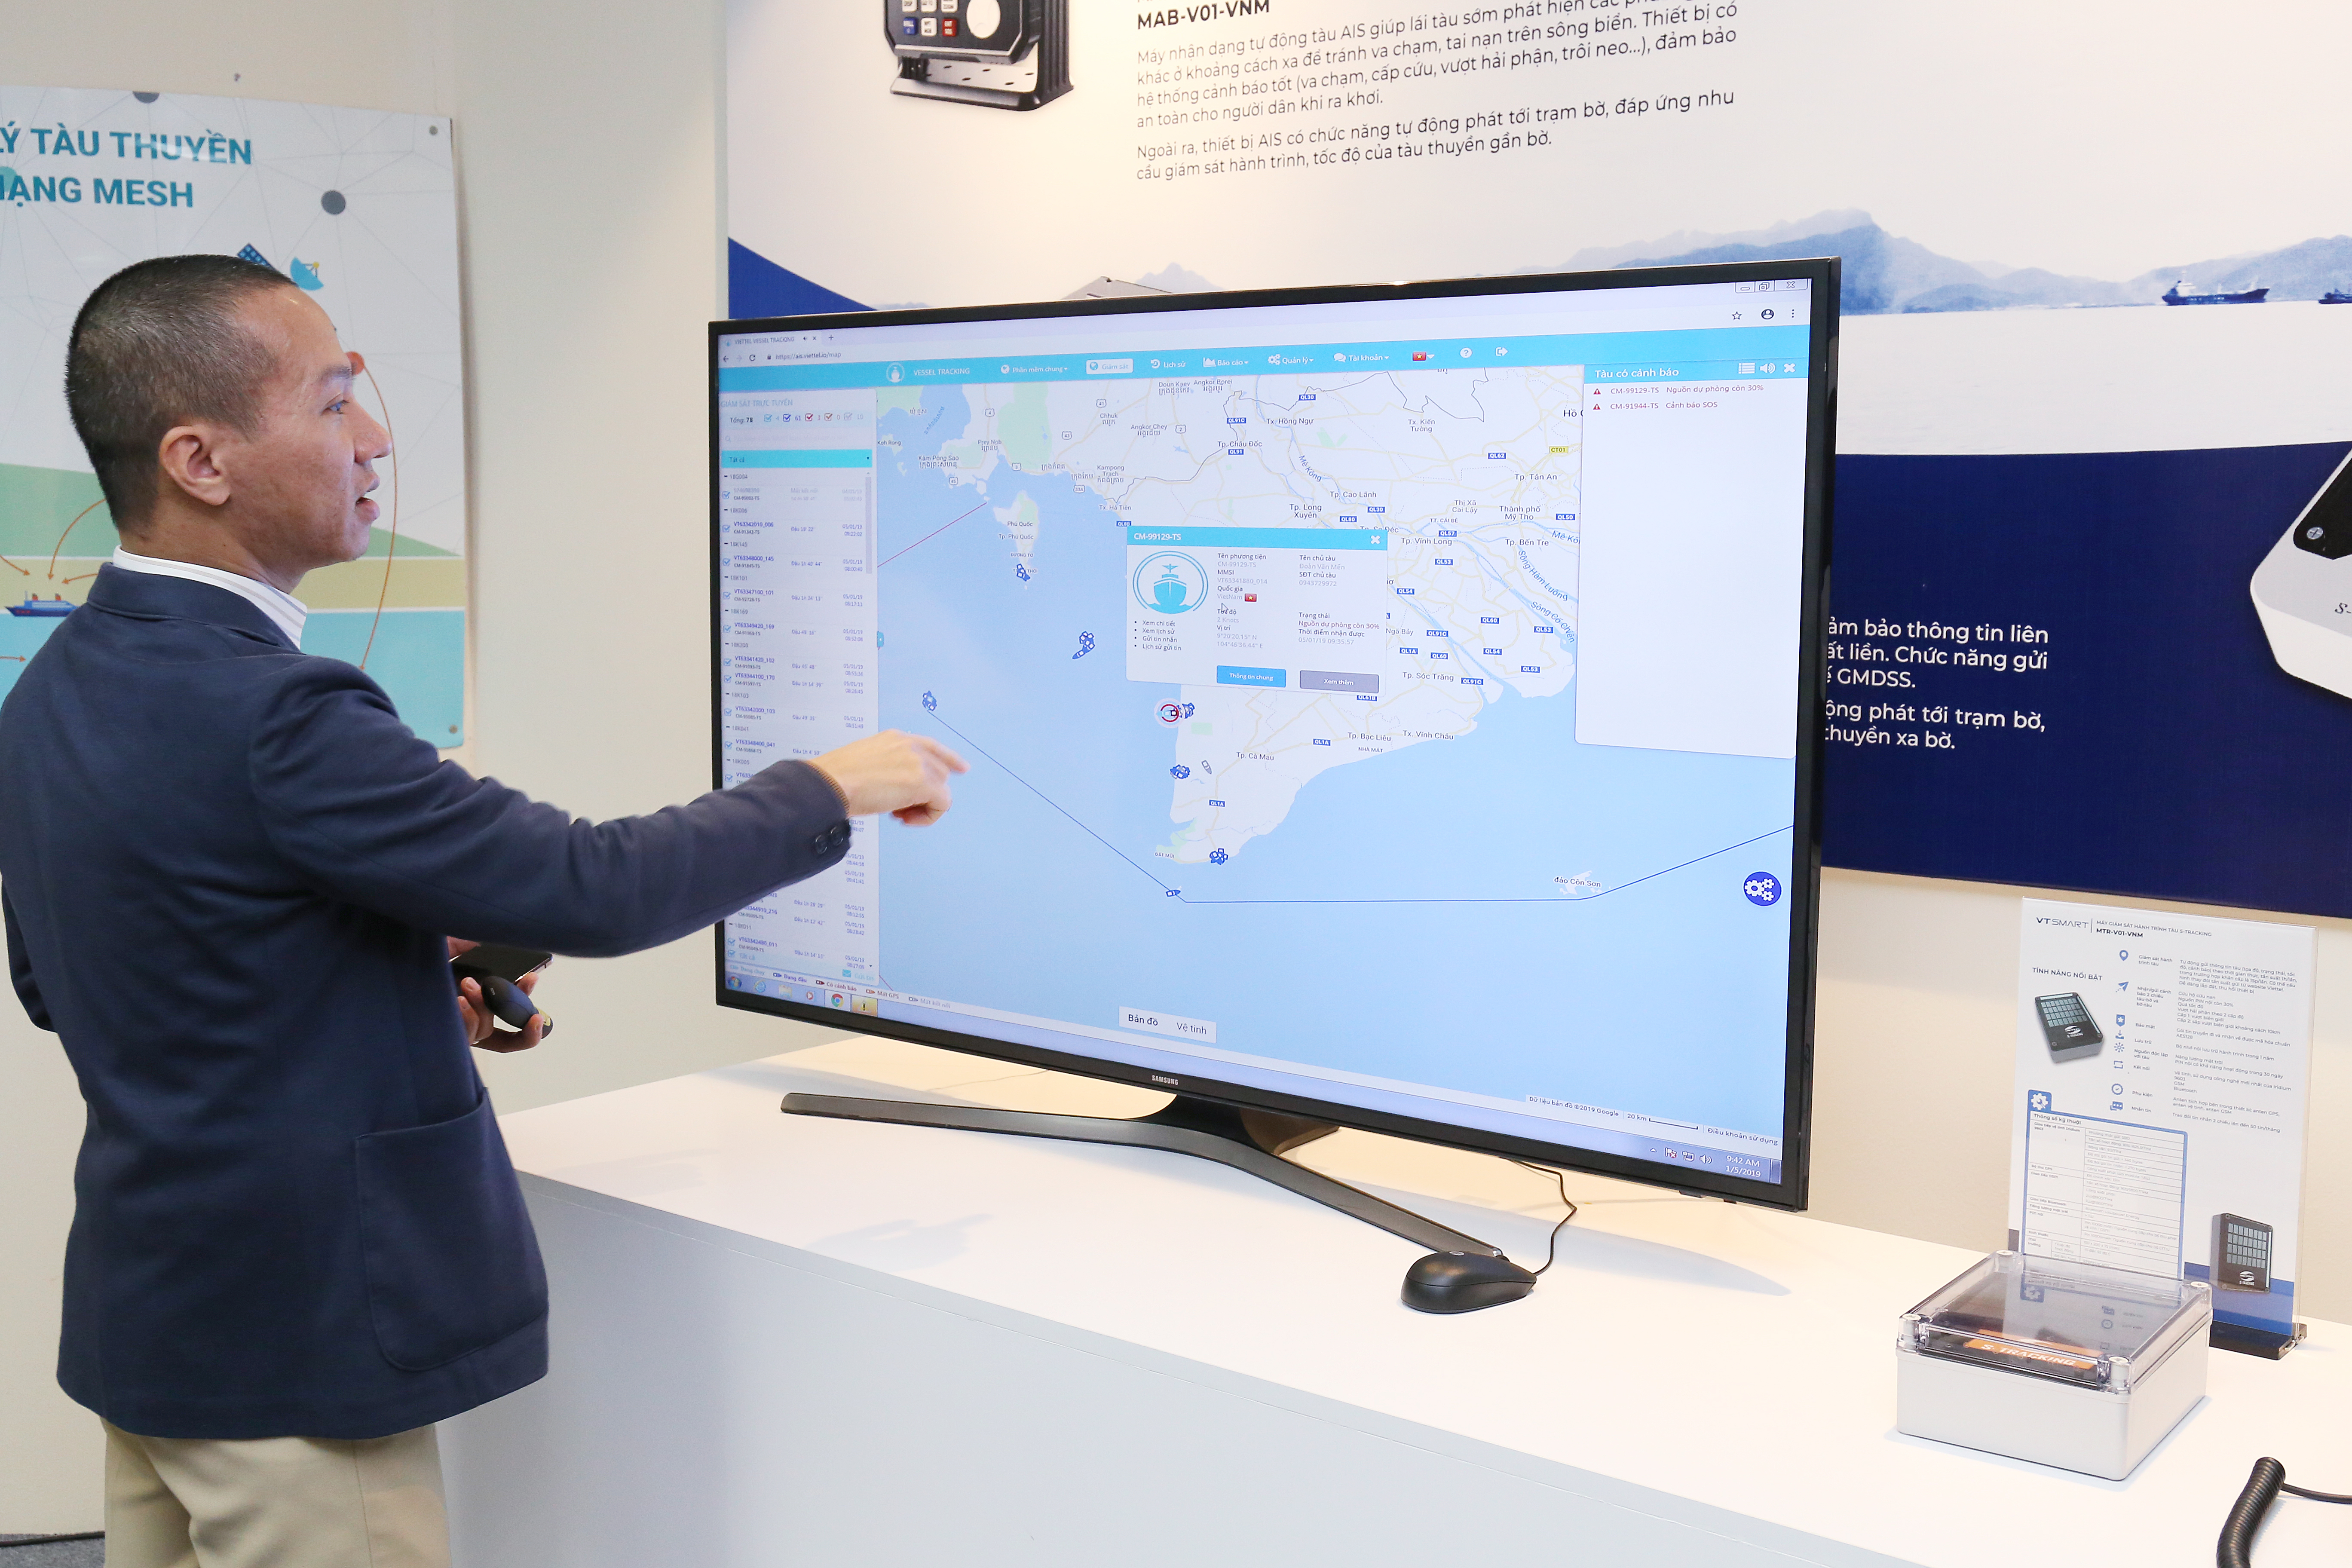 Anh Nguyễn Công Dũng, trưởng phòng Công nghệ và Hợp tác quốc tế, Trung tâm Công nghệ mạng Viettel, giới thiệu về giao diện quan sát của S-tracking dành cho nhà quản lý, chủ tàu.